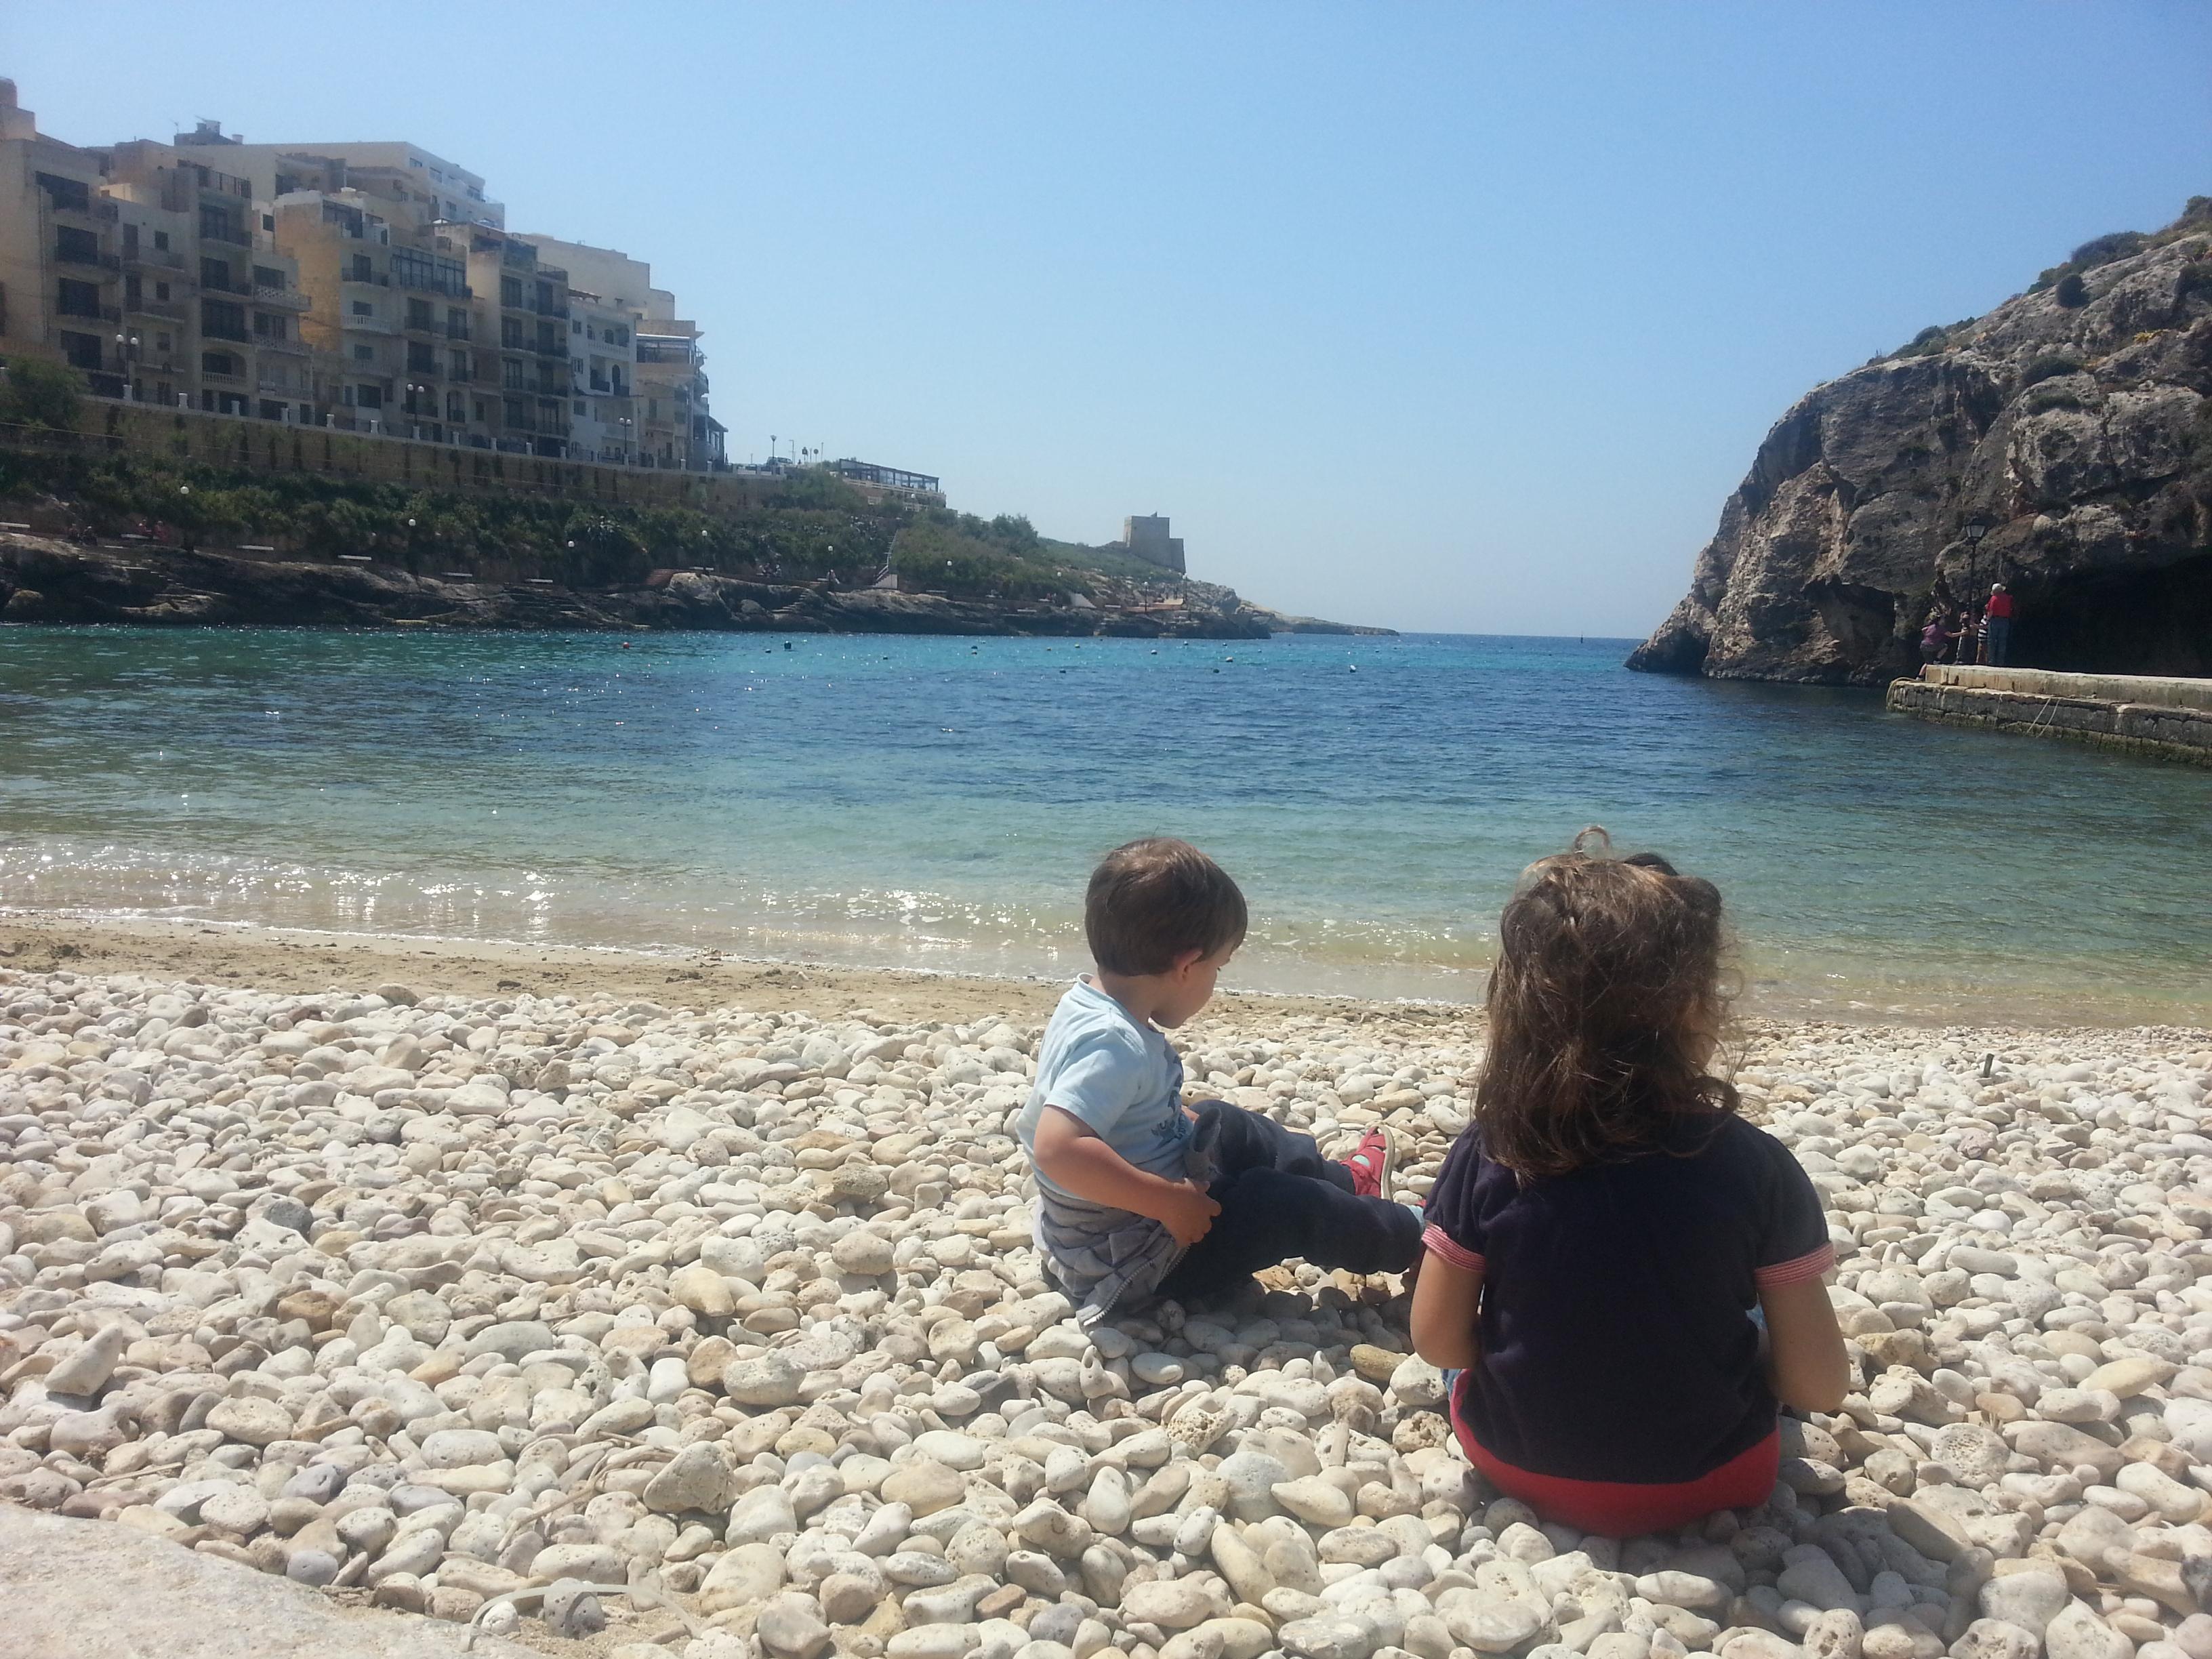 Vacanze malta con bambini viaggi per famiglie for Vacanze con bambini